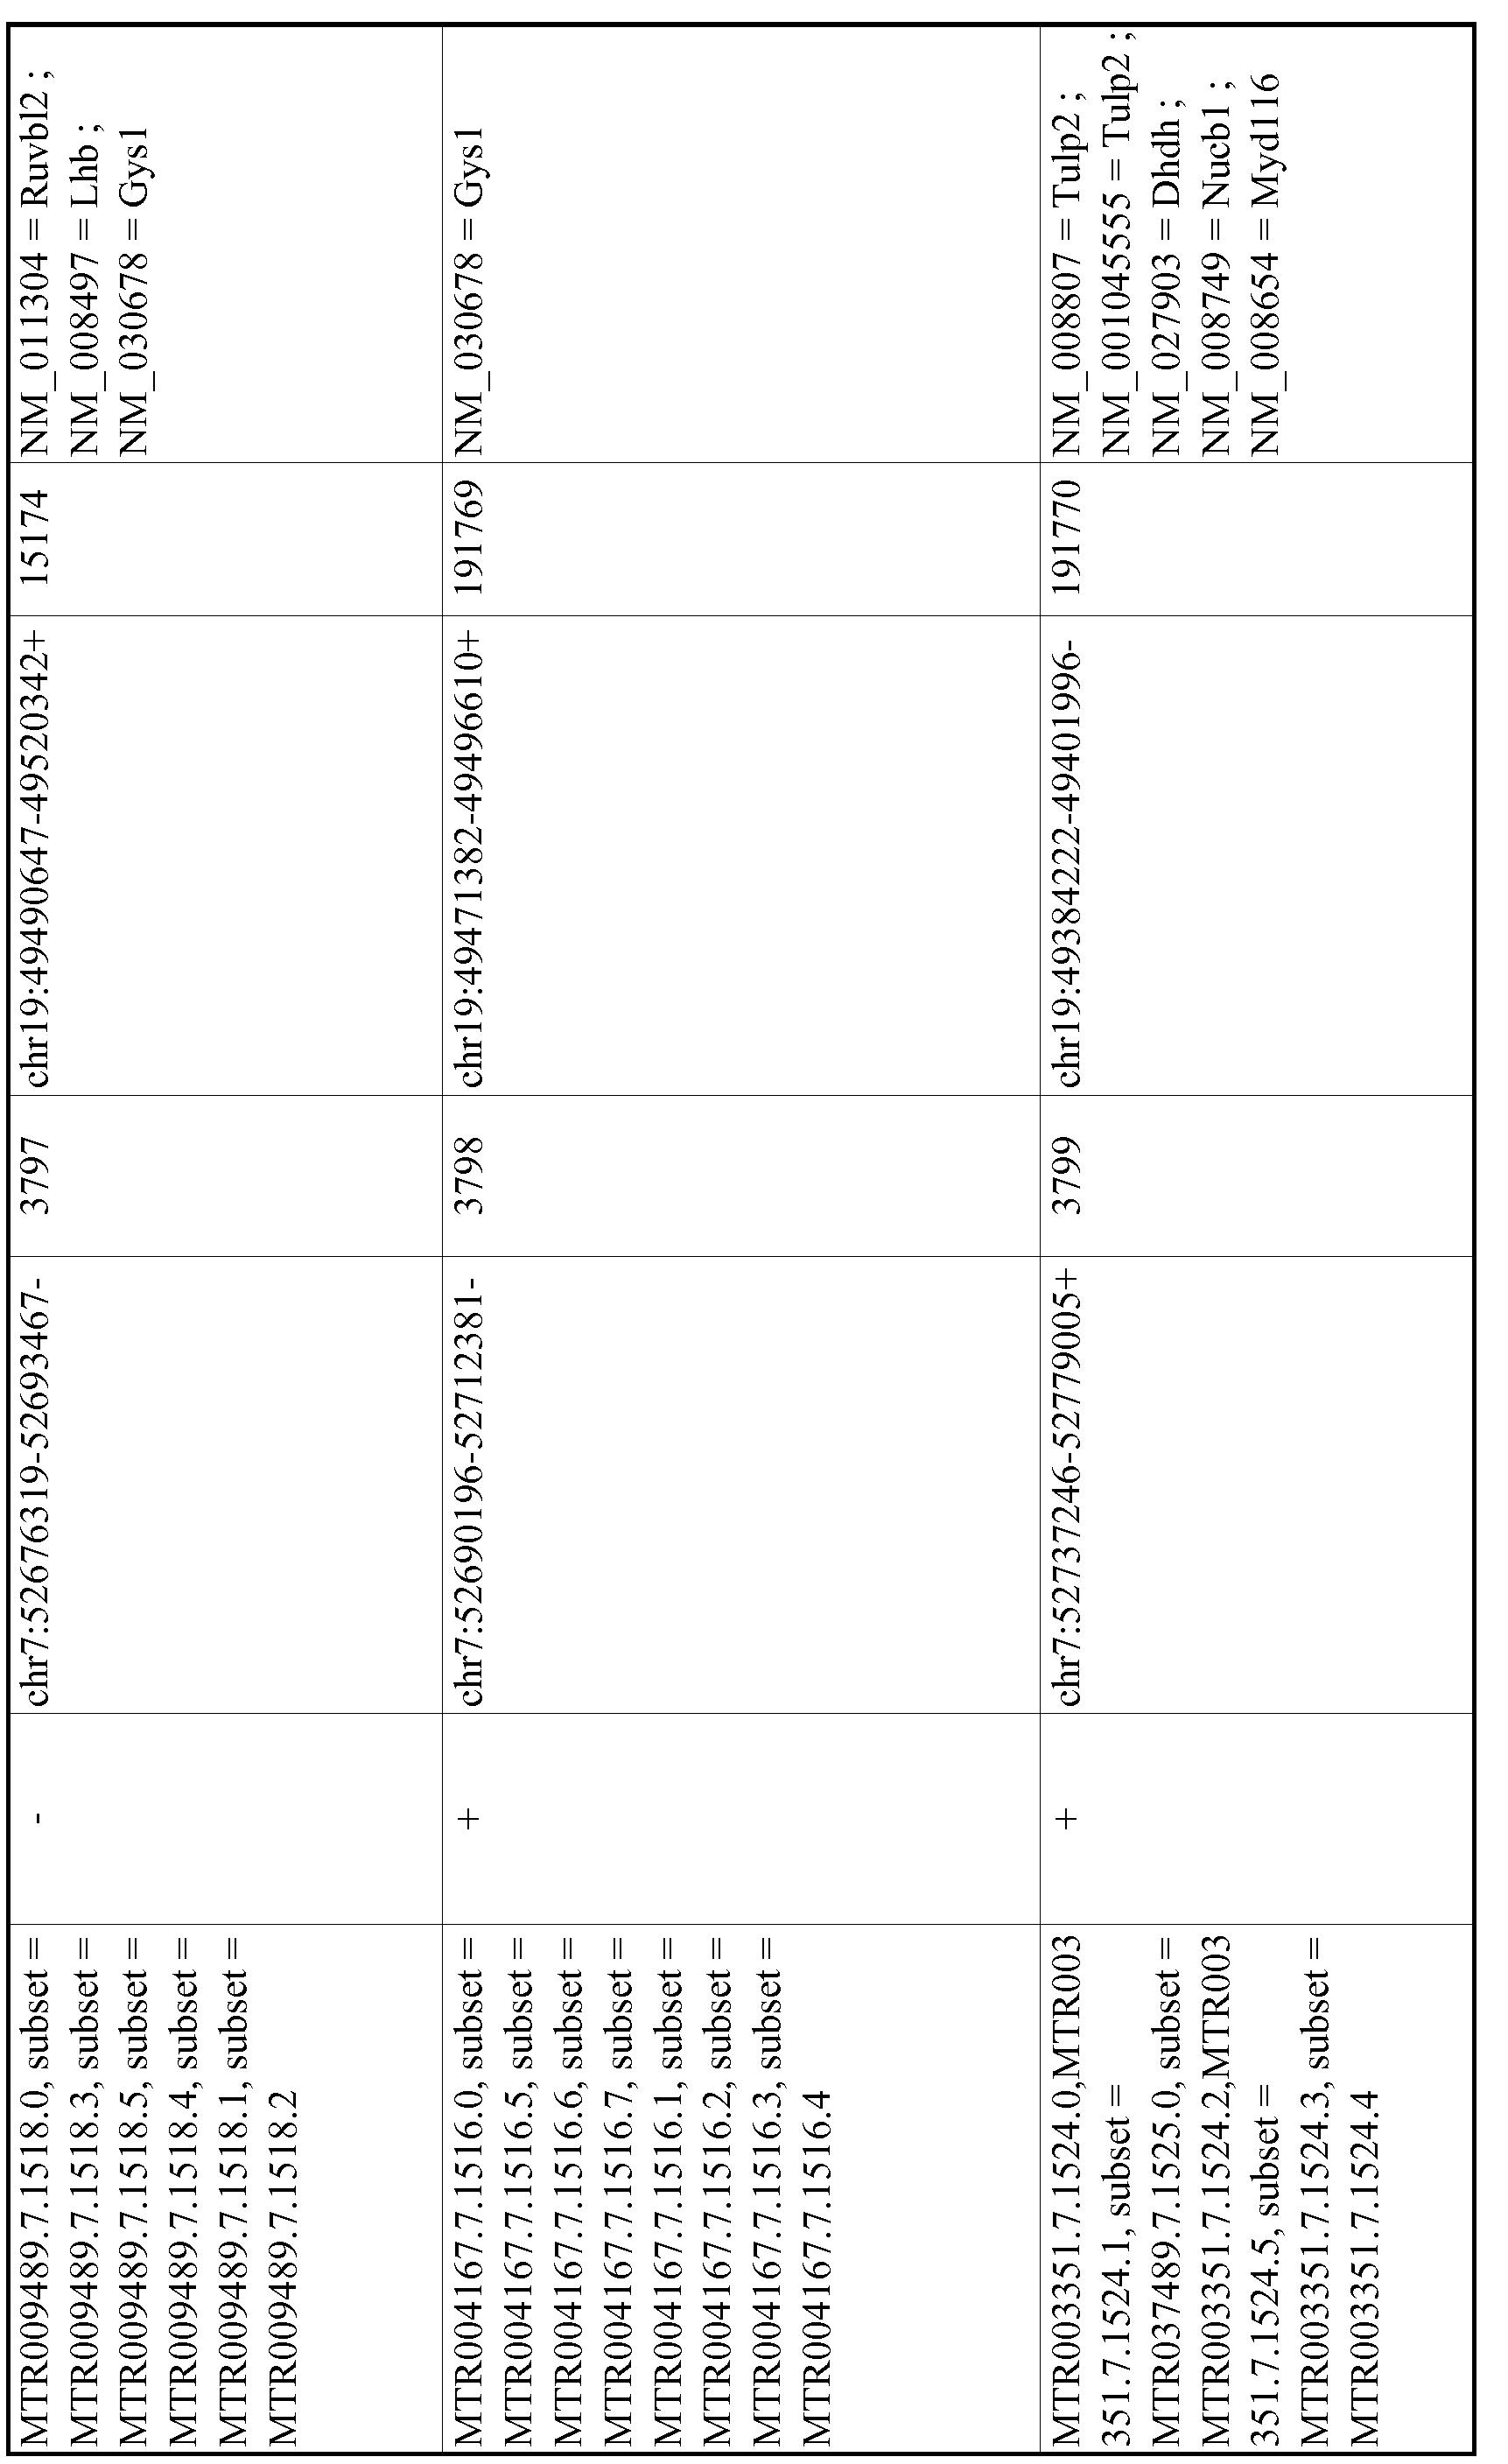 Figure imgf000730_0001